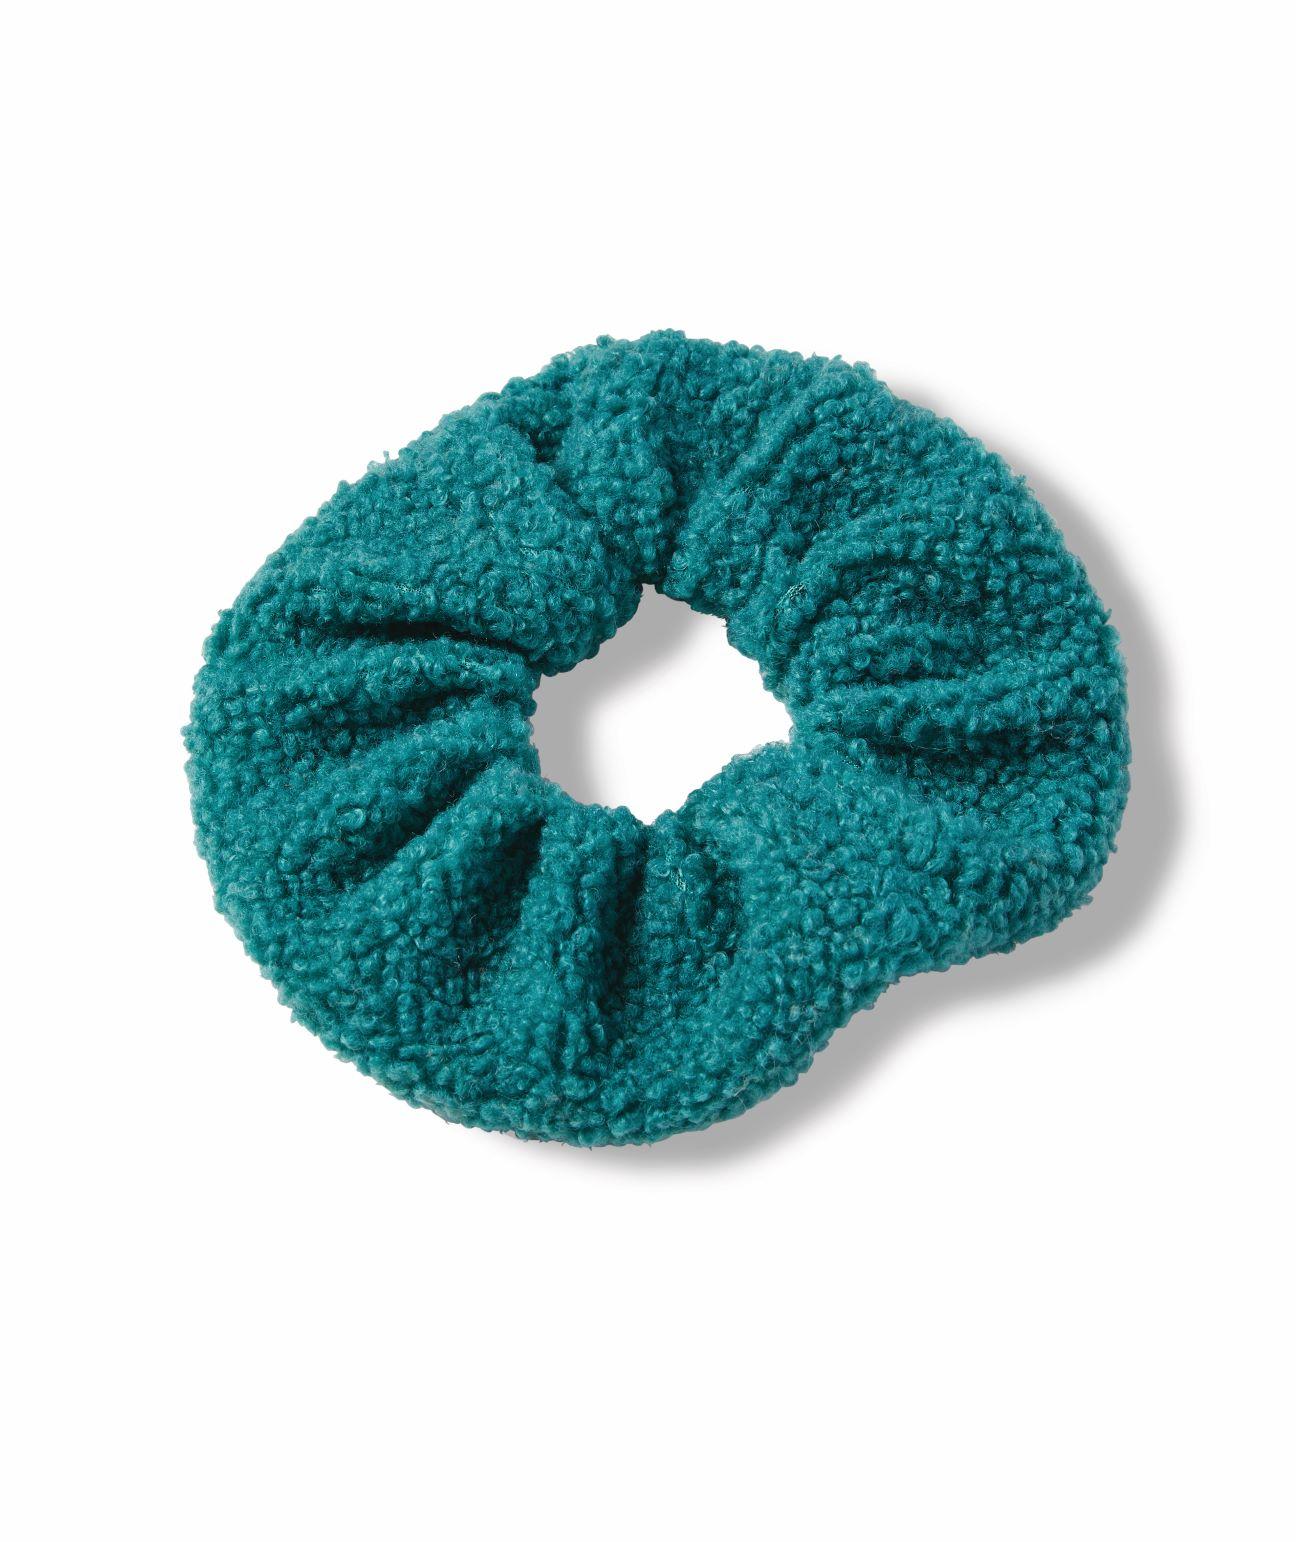 Teddy scrunchie